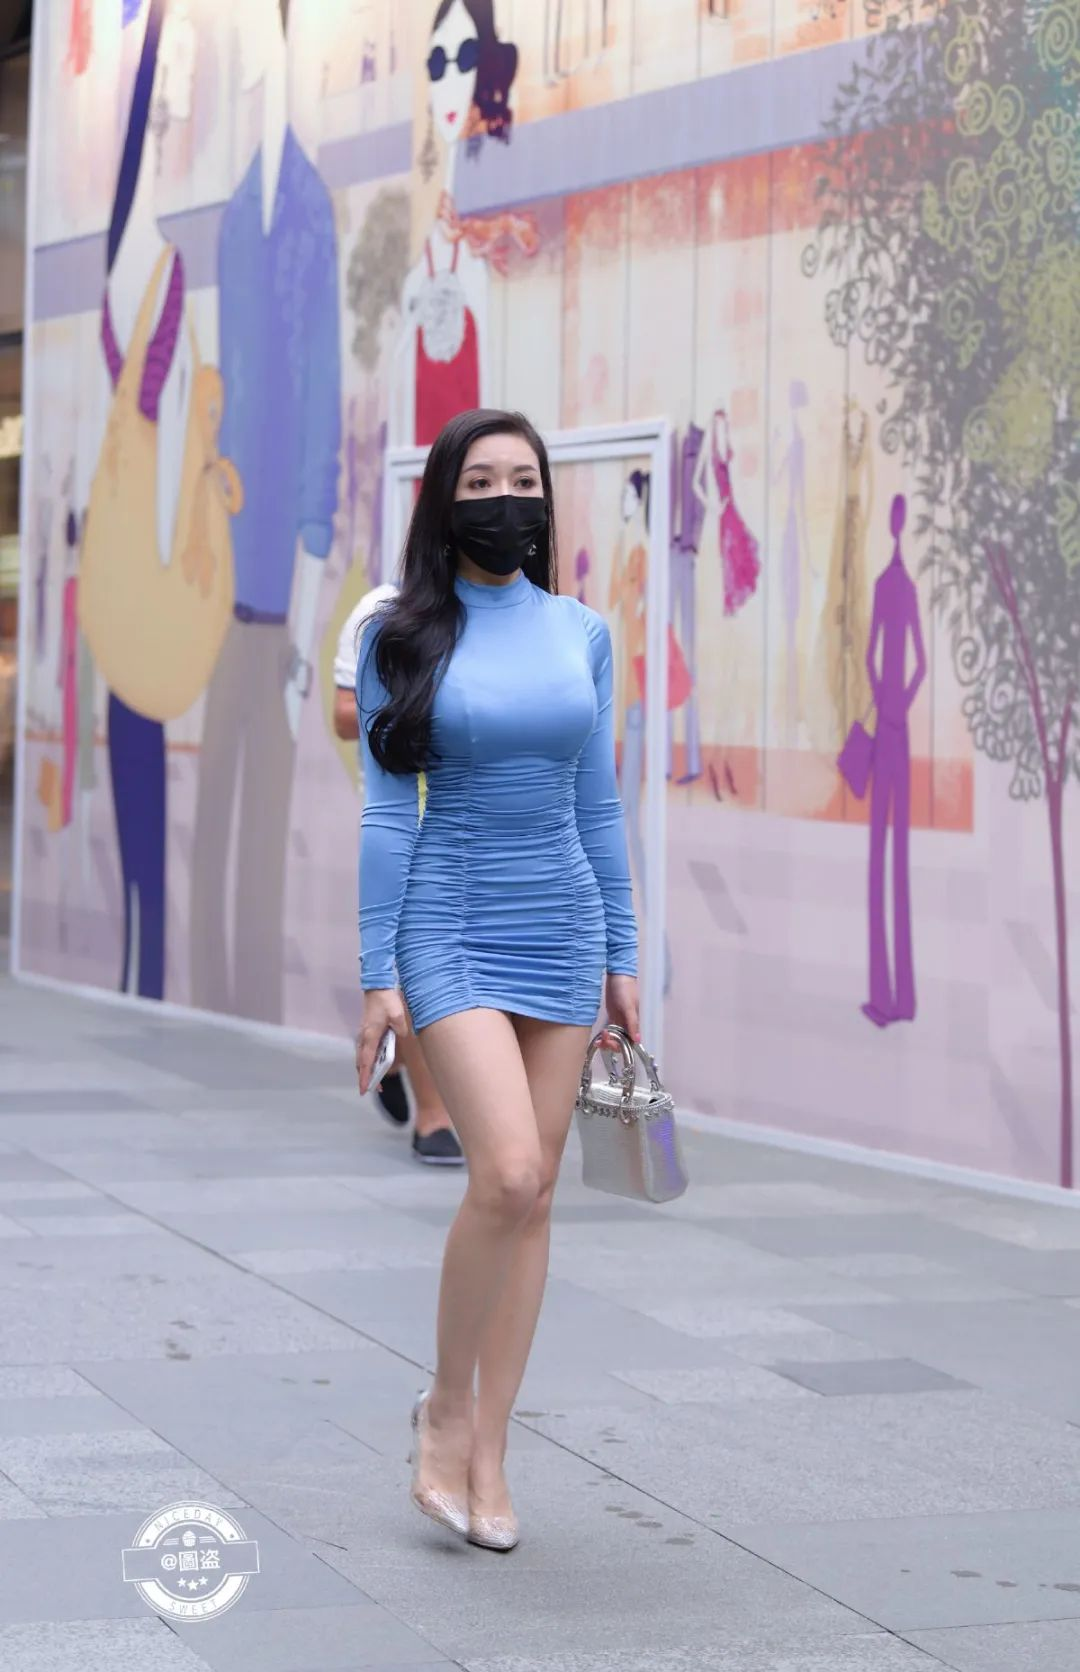 街拍女神:蓝色连体短裙姐姐